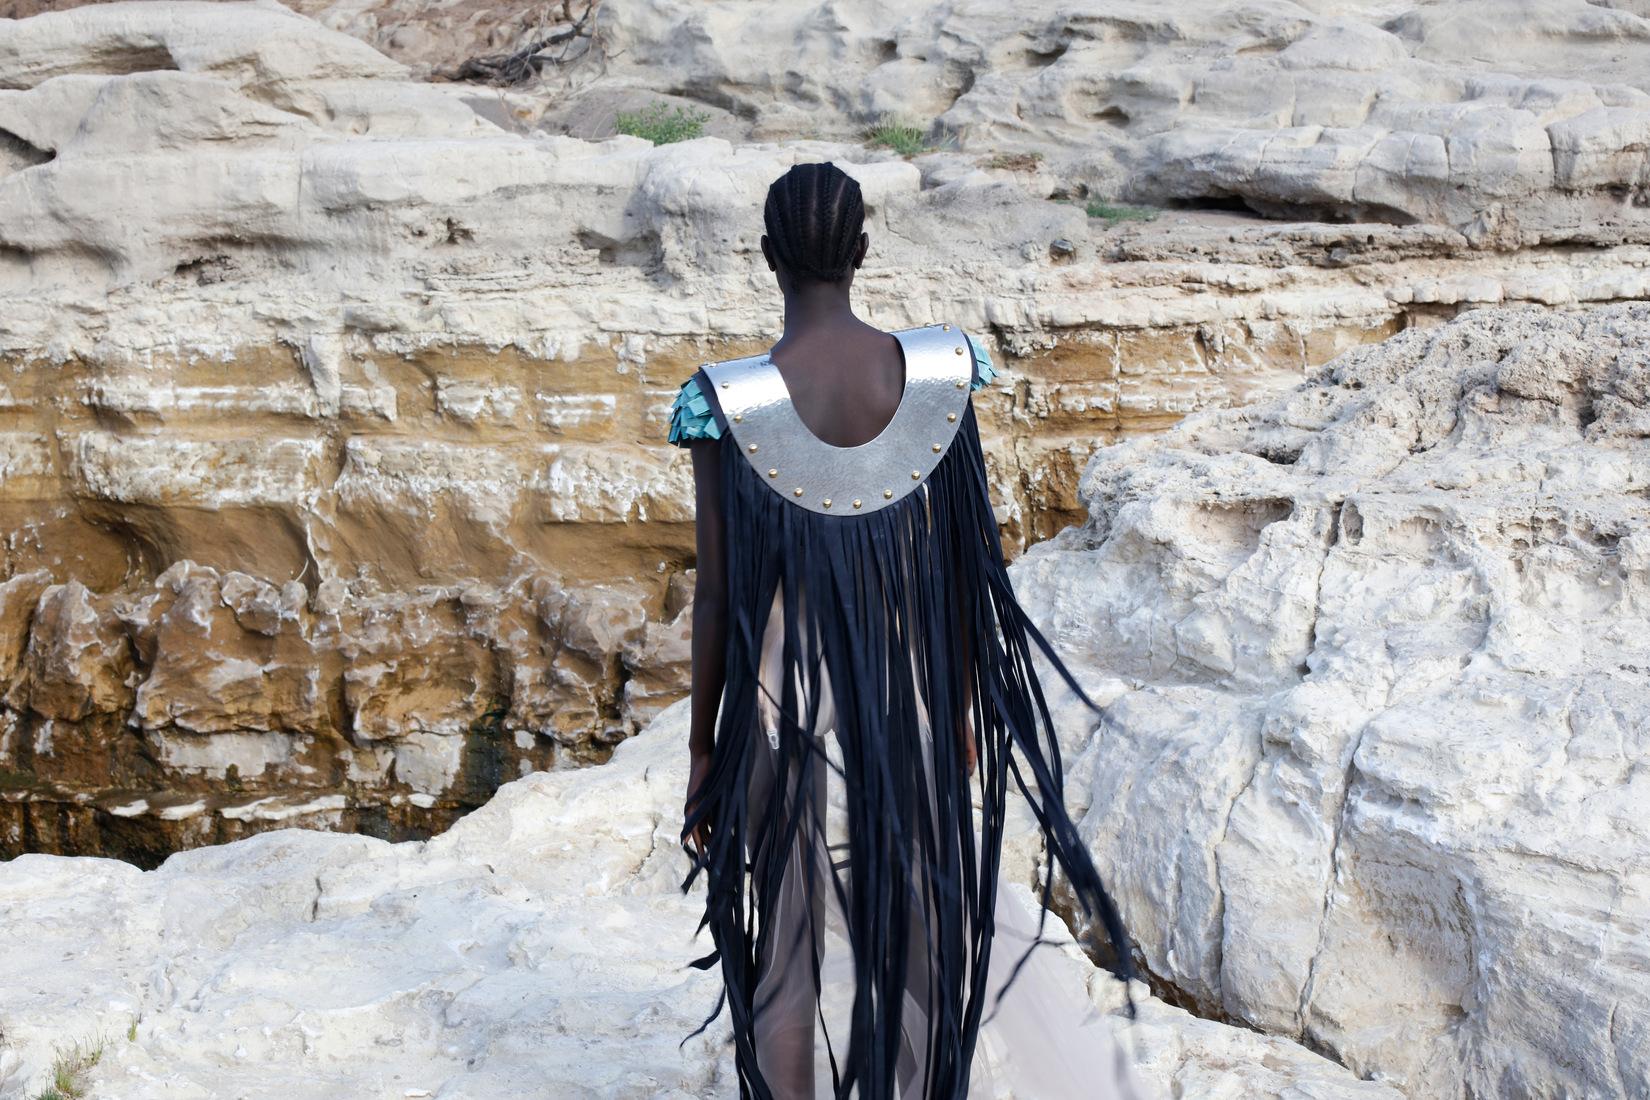 un mannequin de dos face à un paysage rocheux, porte une sorte de cape à franges un peu futuriste